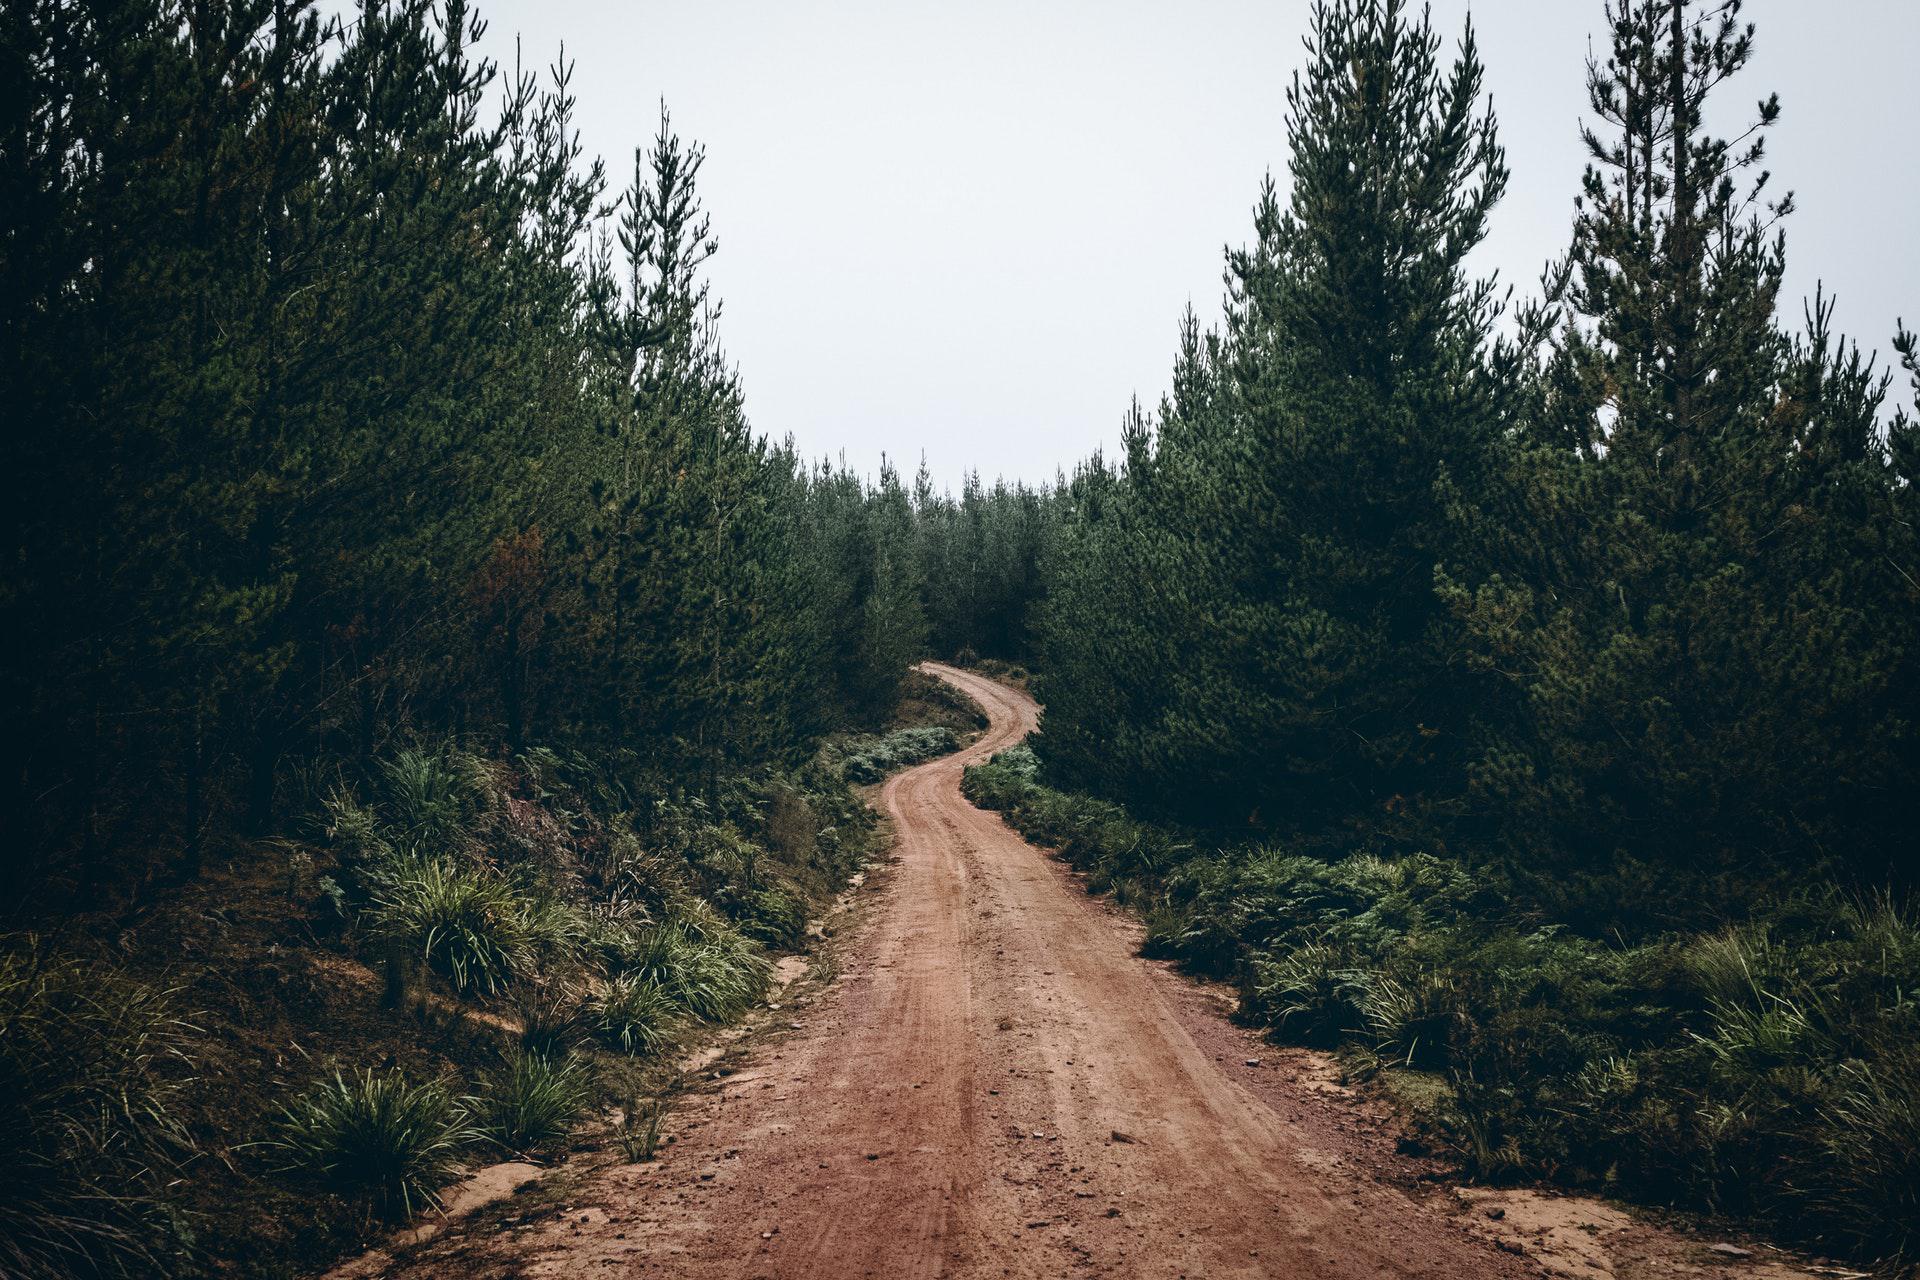 عکس زمینه جاده خاکی در میان درختان جنگلی پس زمینه